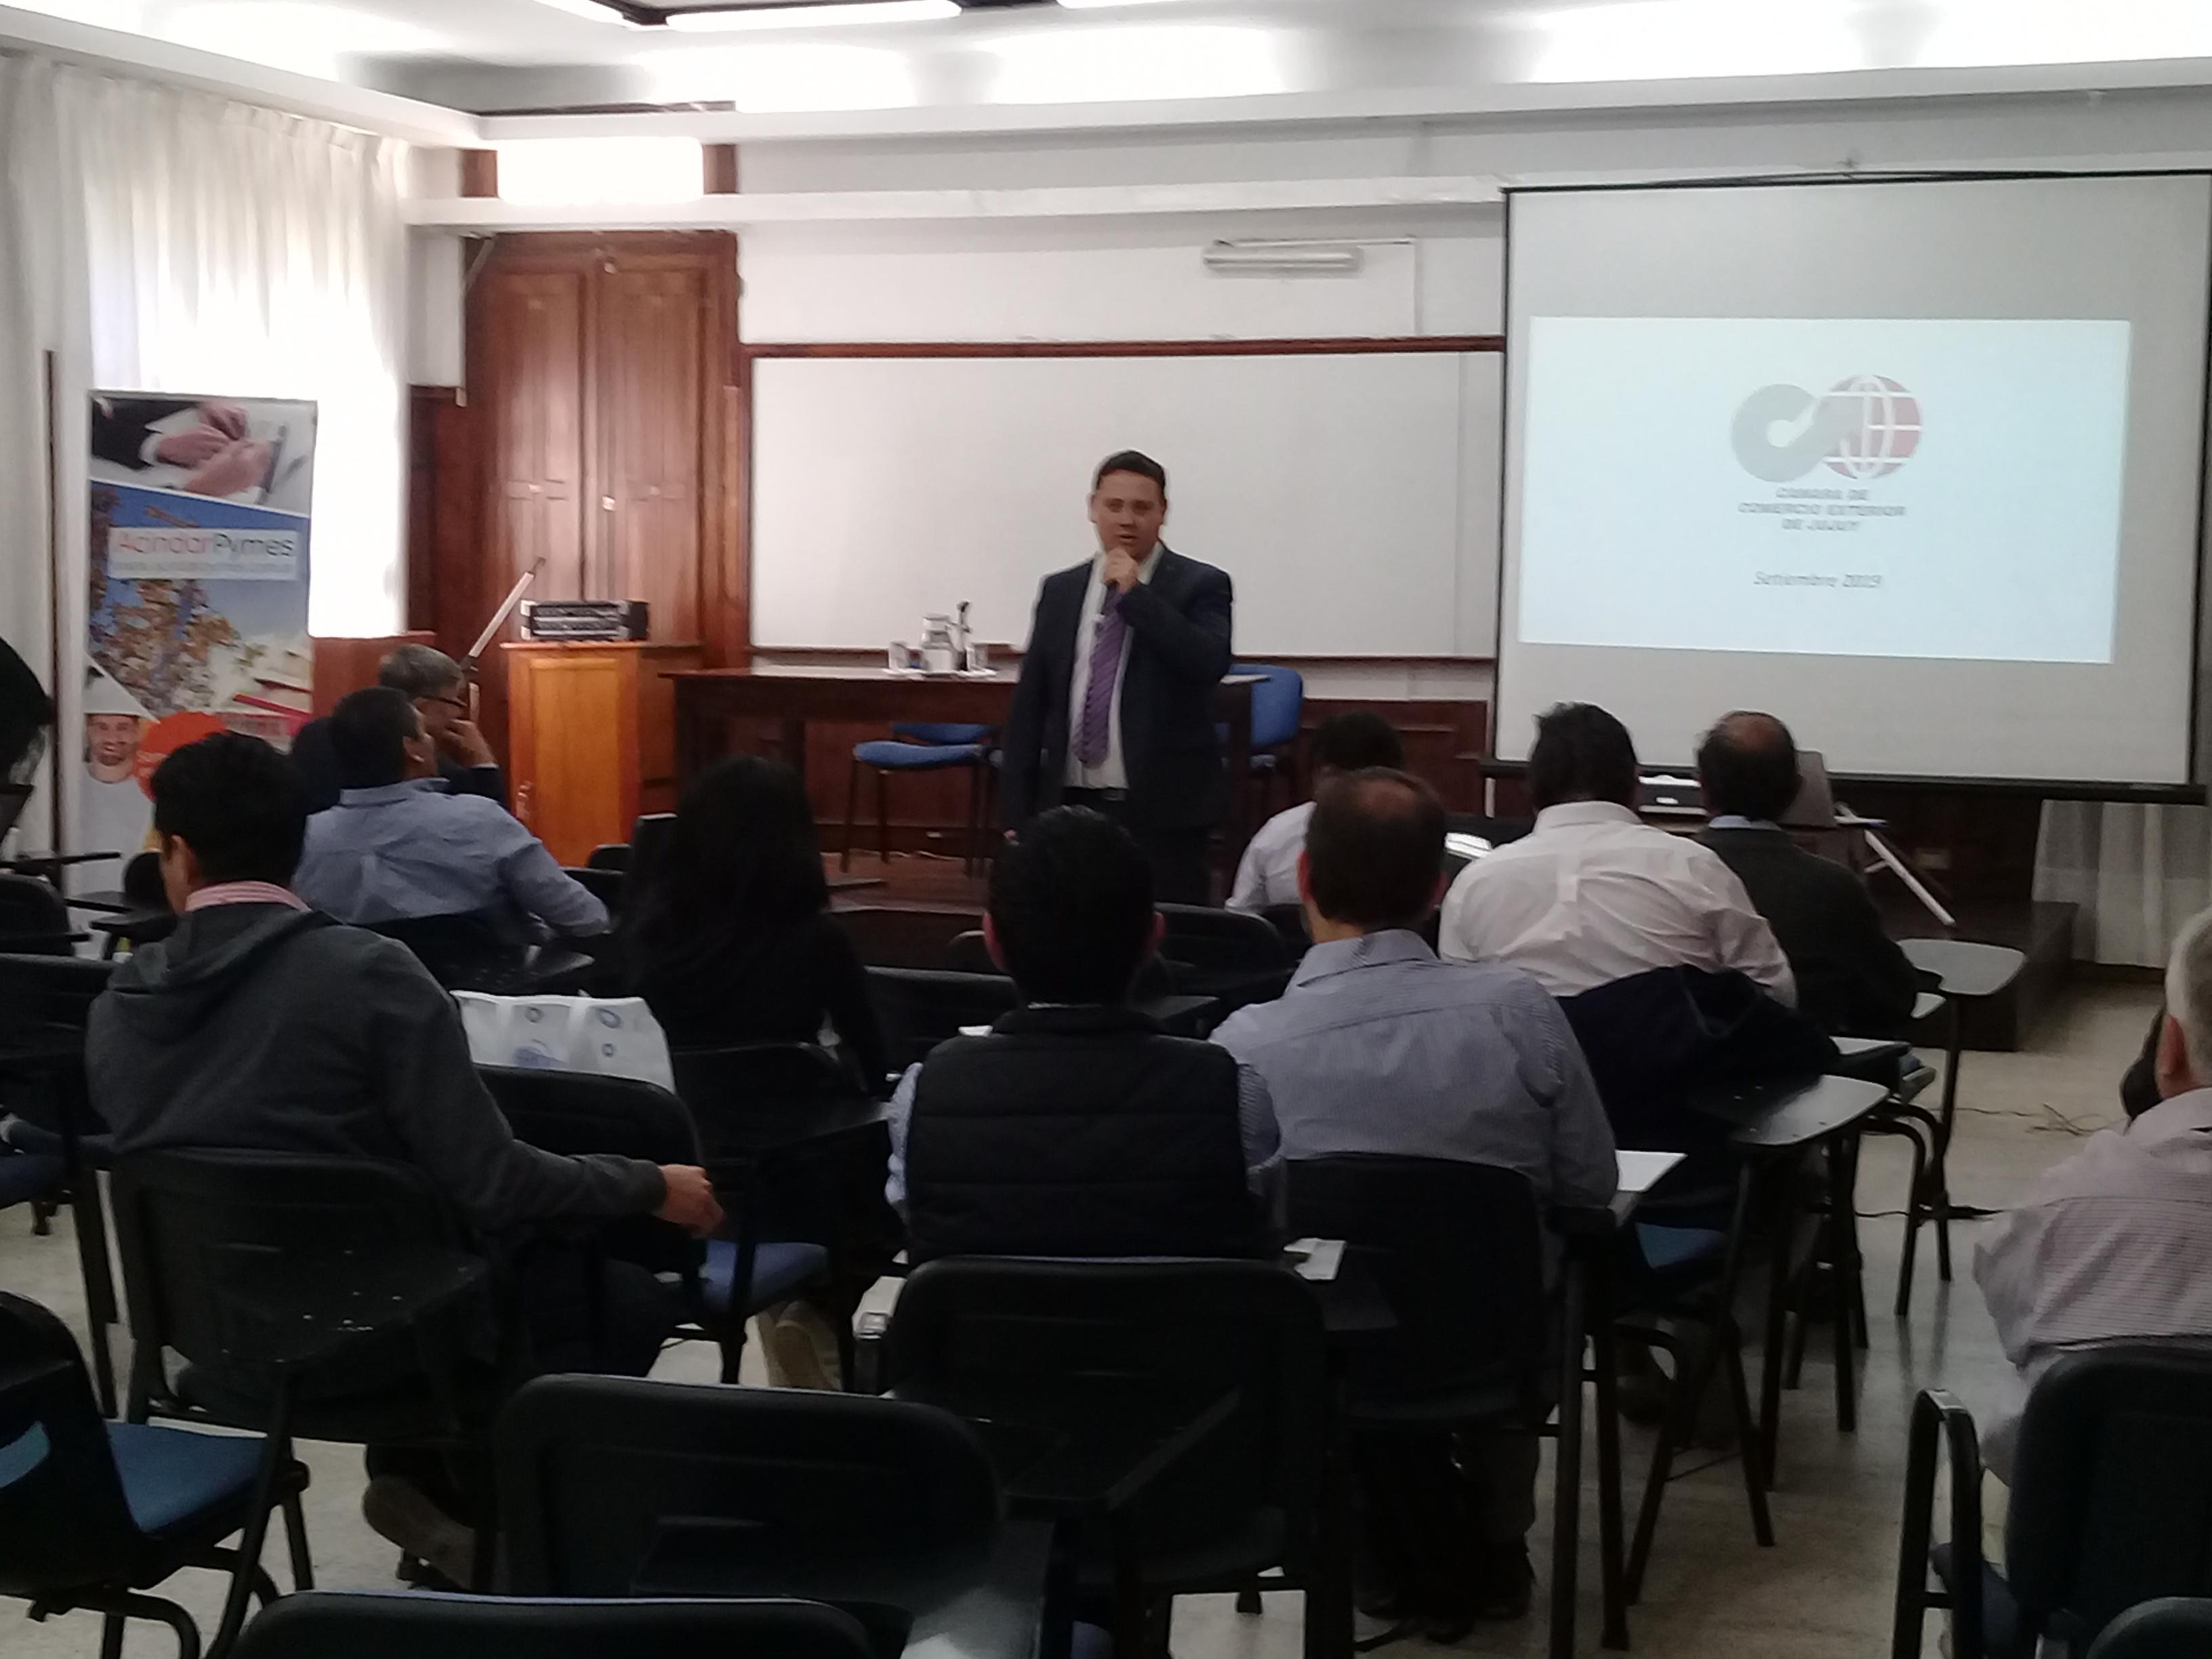 El comercio exterior, la llave para el desarrollo de Jujuy